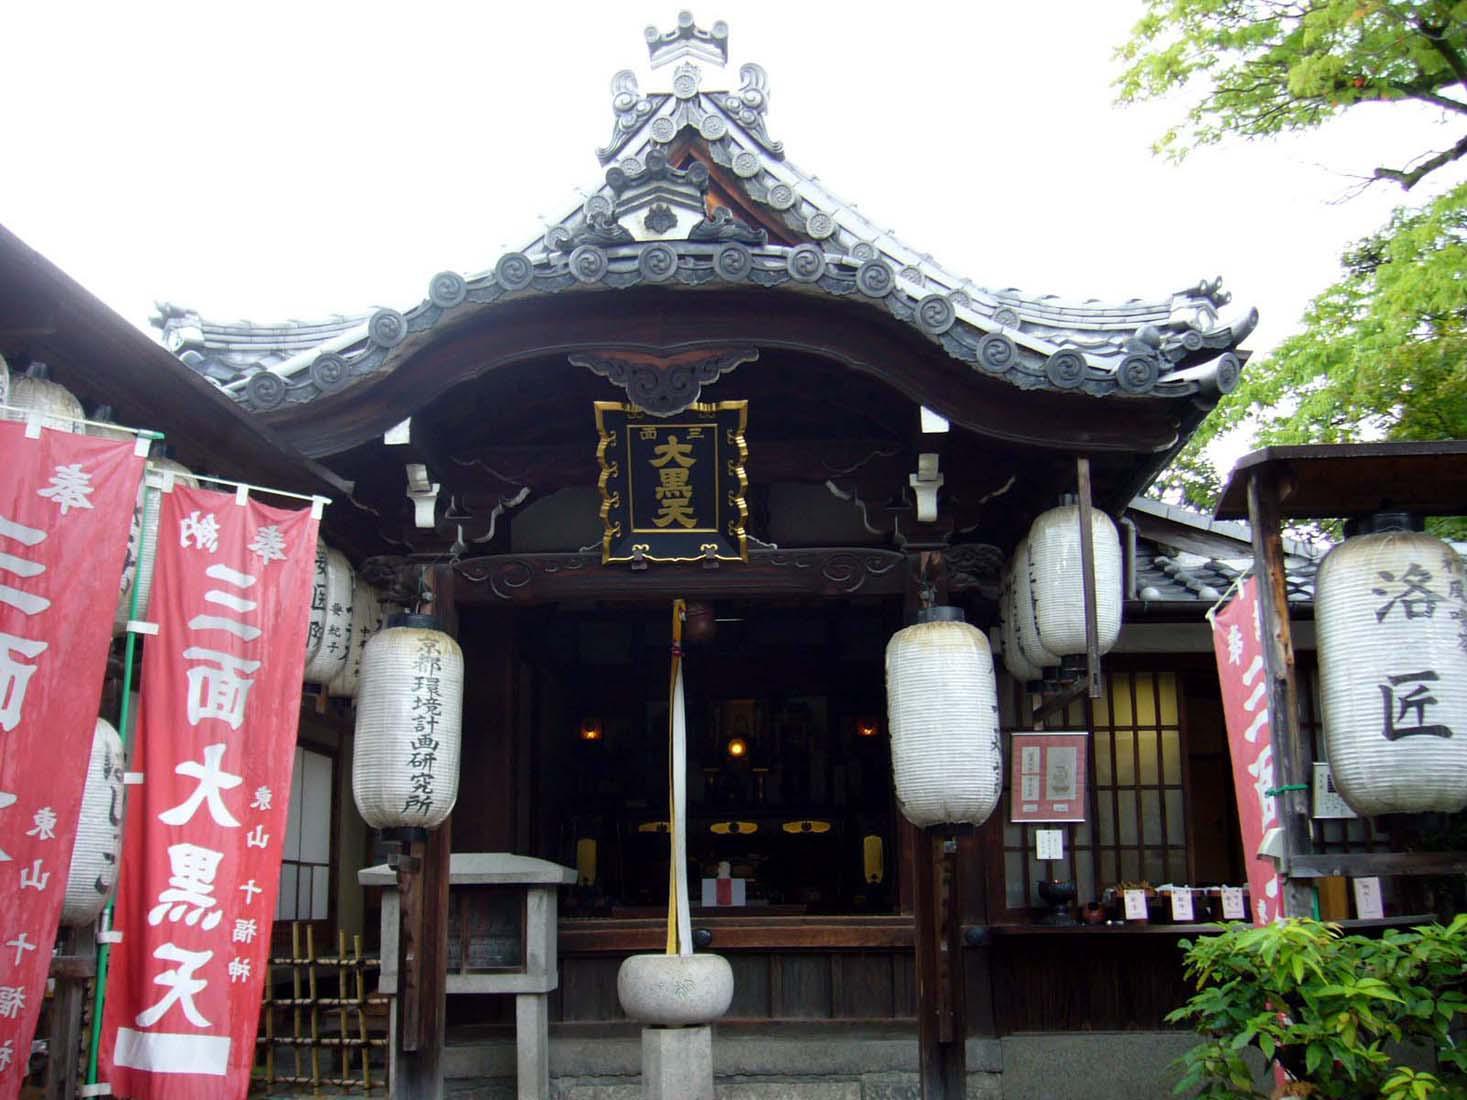 圓徳院(高台寺塔頭)の本殿